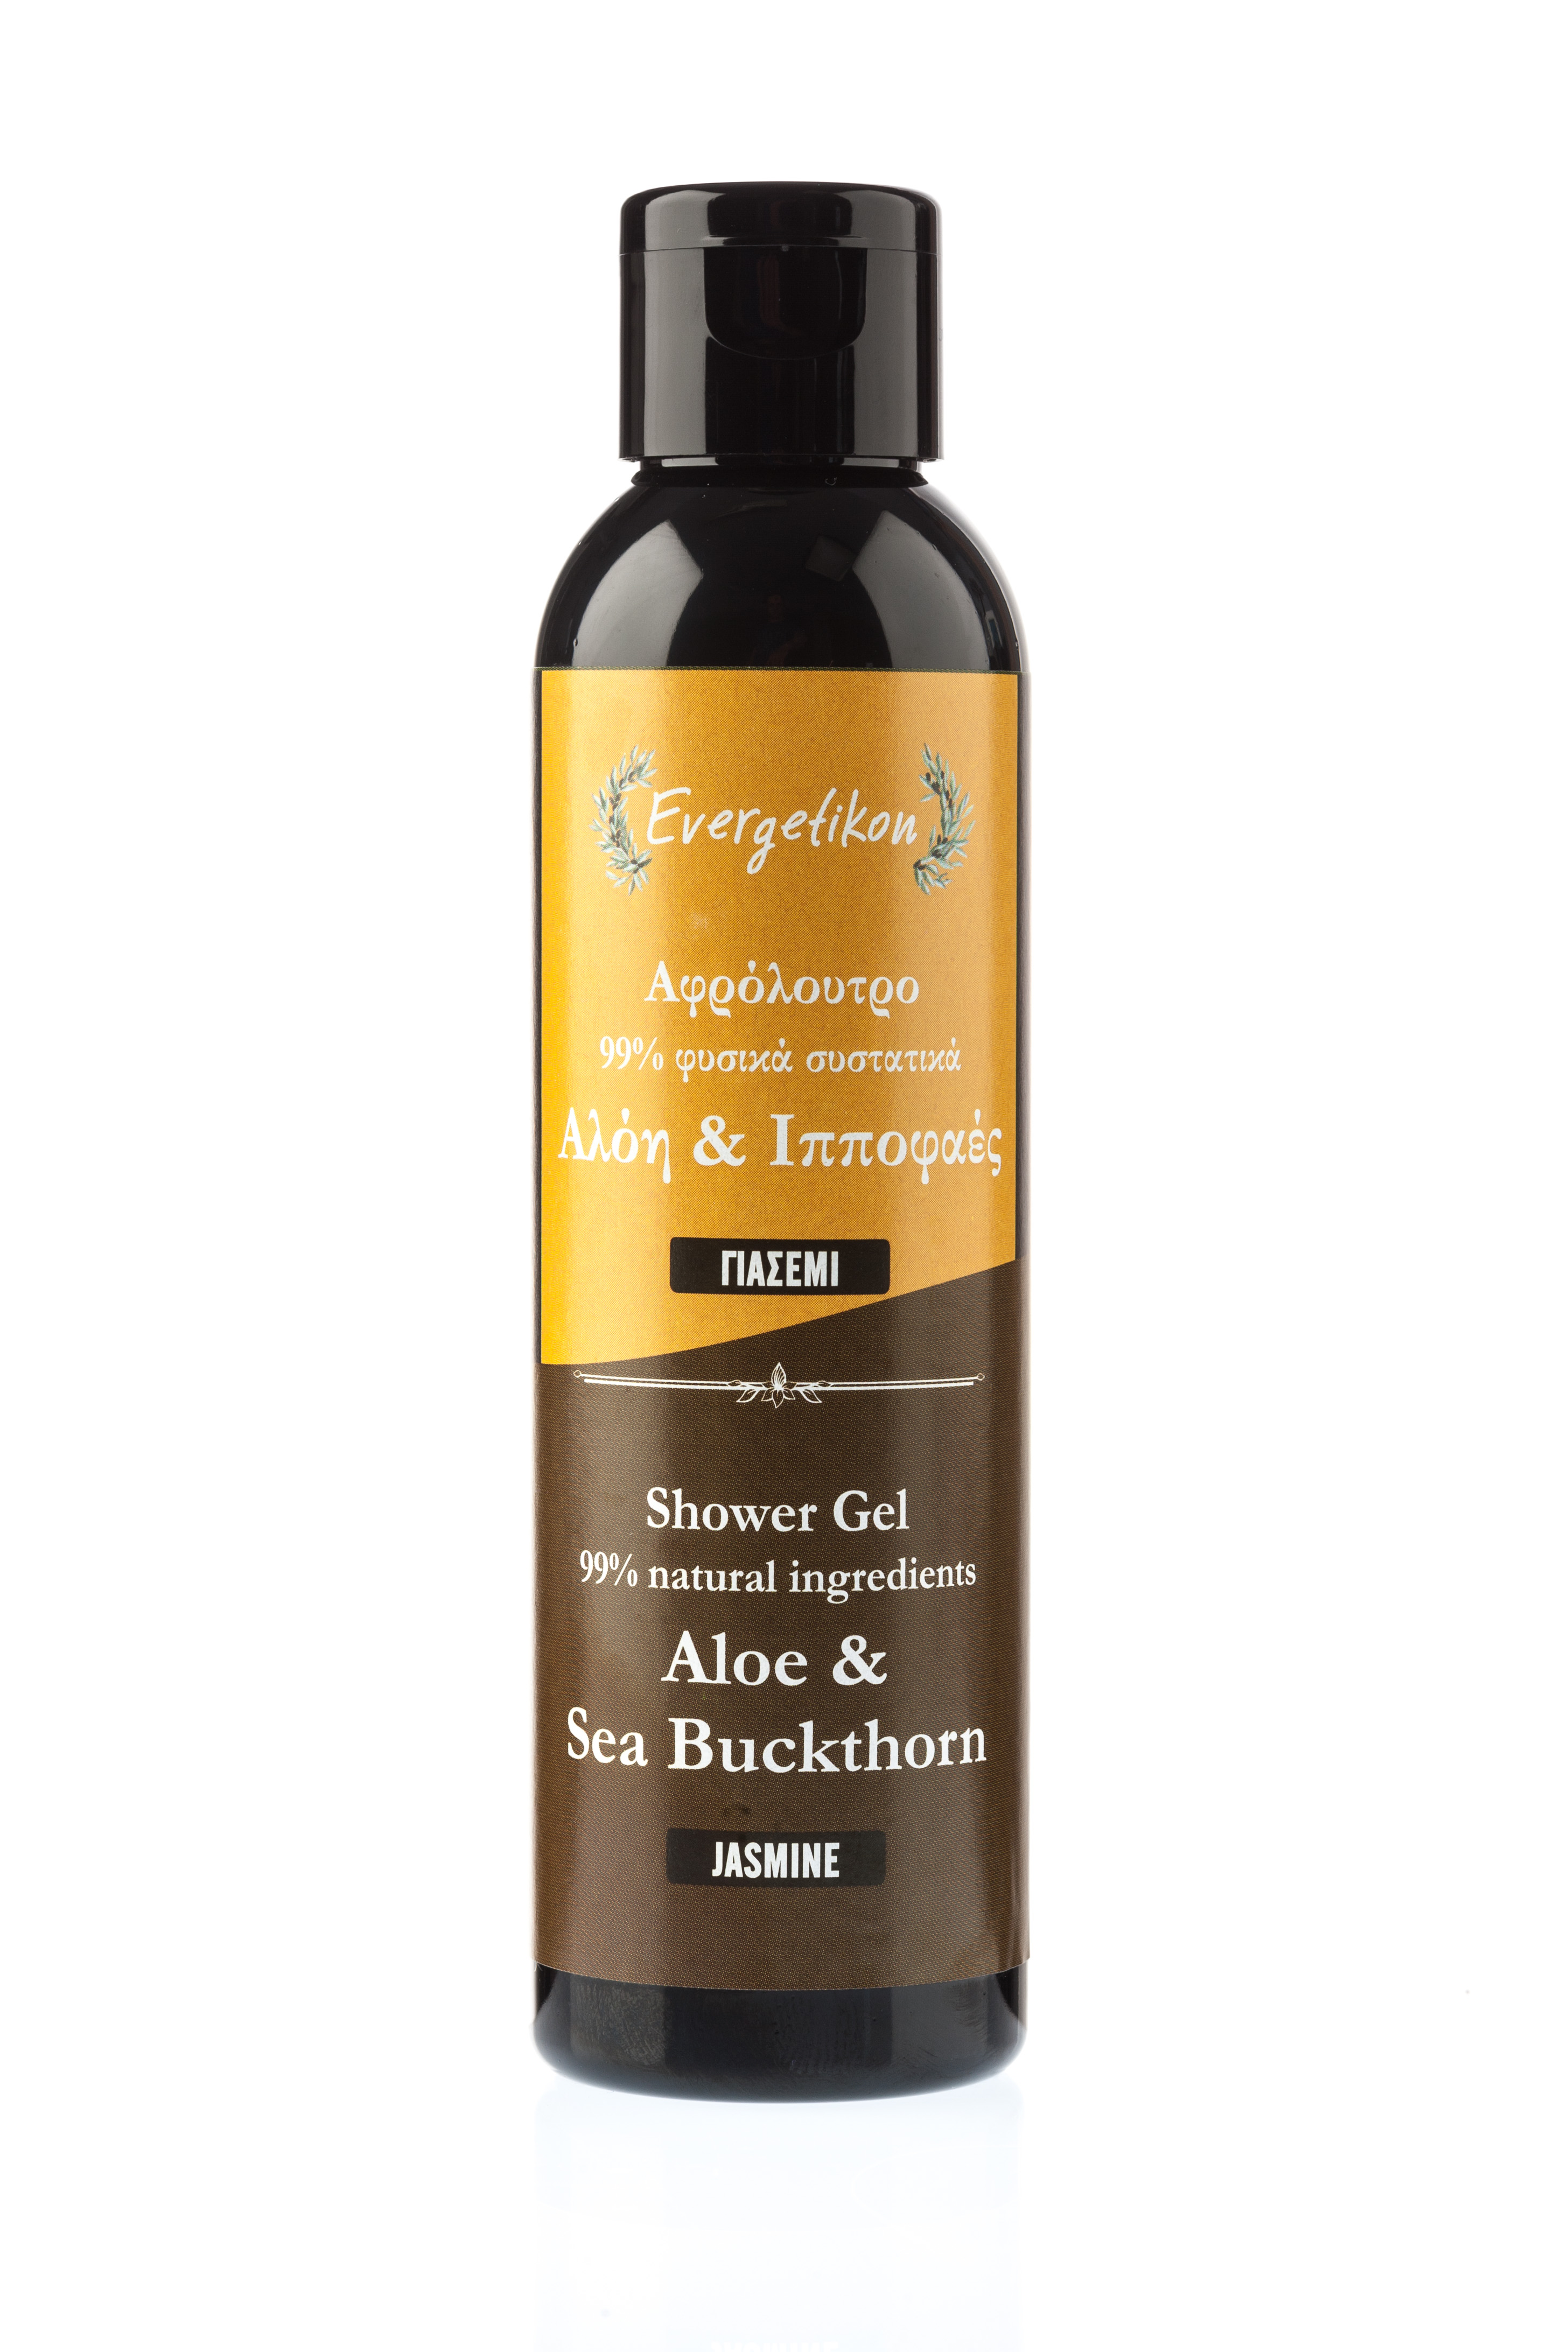 Evergetikon Přírodní sprchový gel s Aloe a Jasmínem